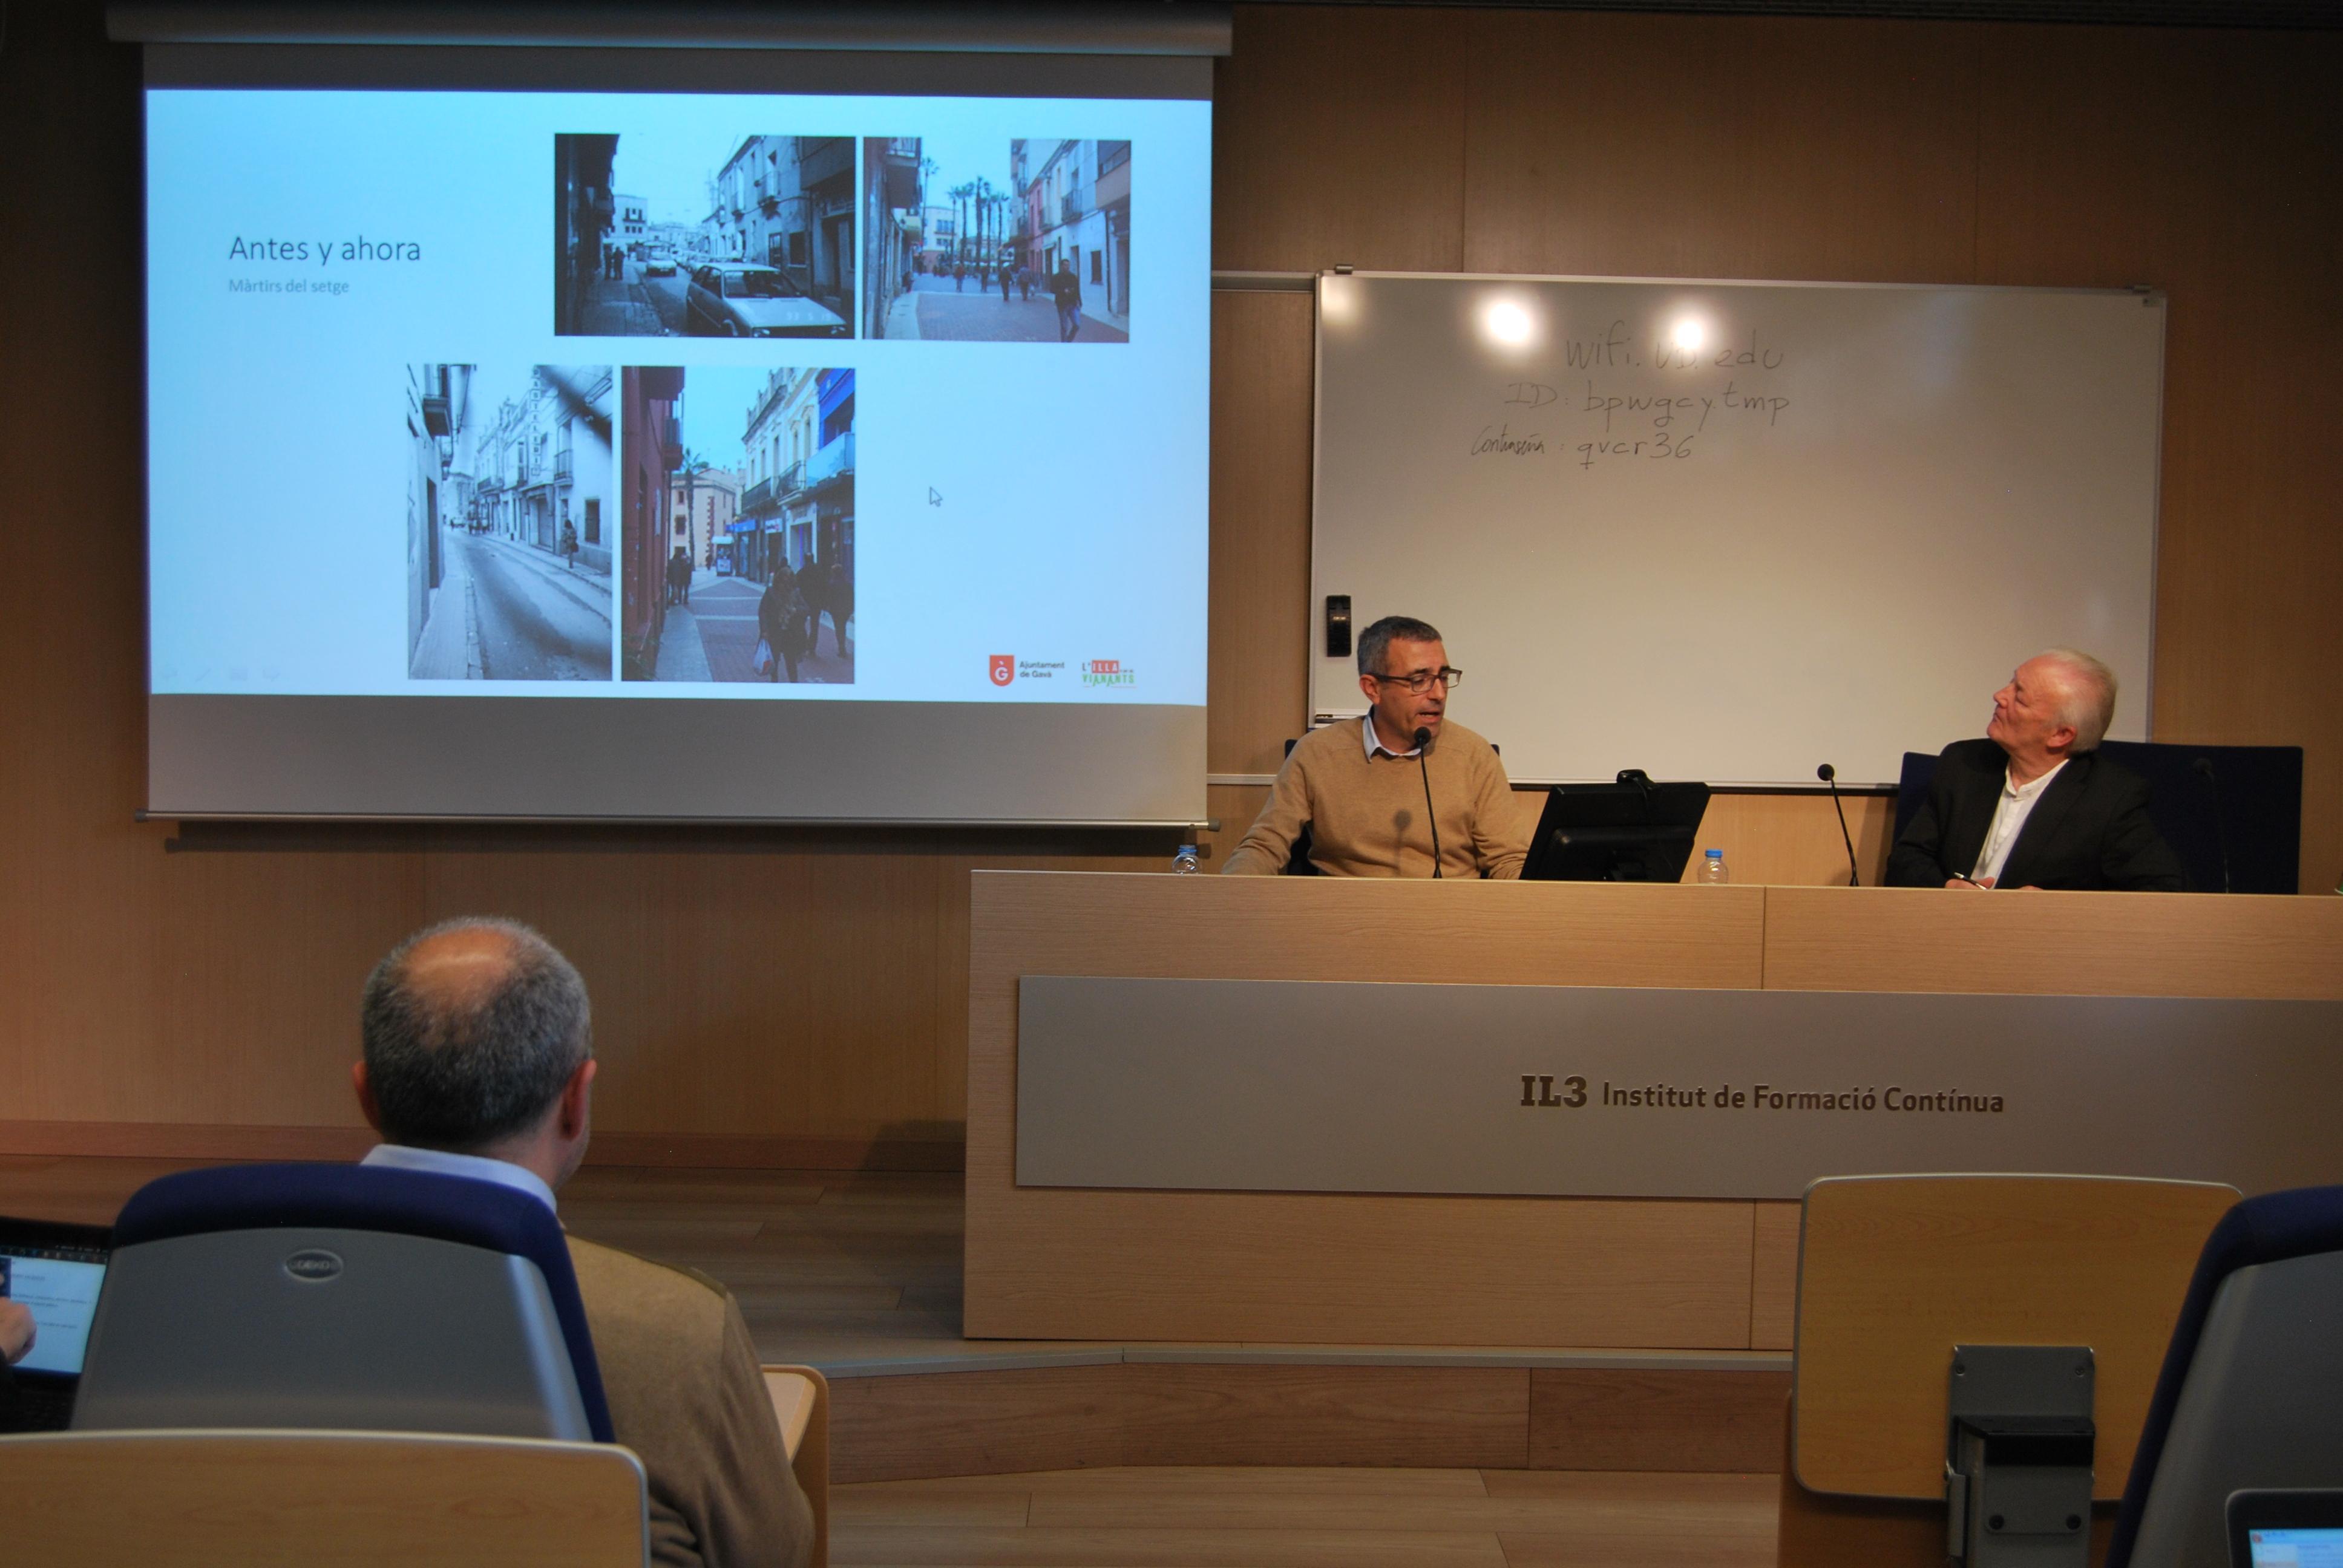 Fidel Vázquez, Director de Serveis de Planificació Territorial a l'Ajuntament de Gavà, presenta 25 anys d'illa per a vianants